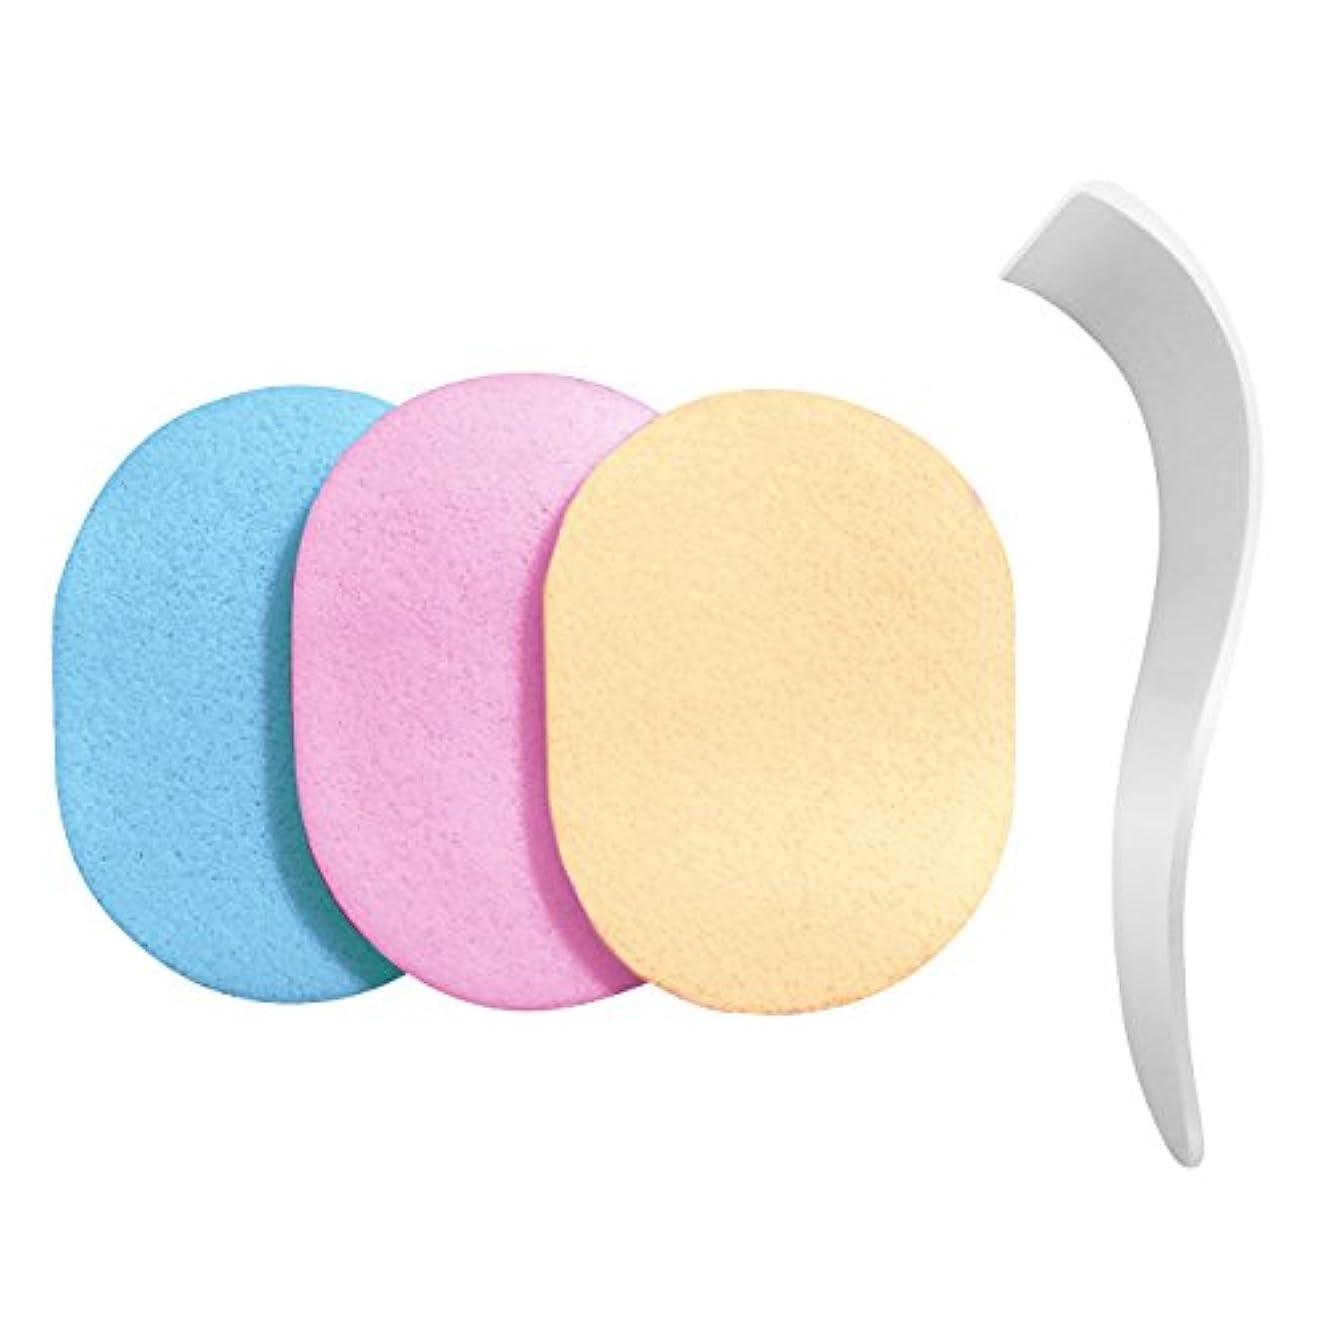 フロー効果くすぐったい【除毛用】s-fit 専用ヘラ スポンジ 洗って使える 3色セット 100%PVA 除毛クリーム専用 メンズ レディース